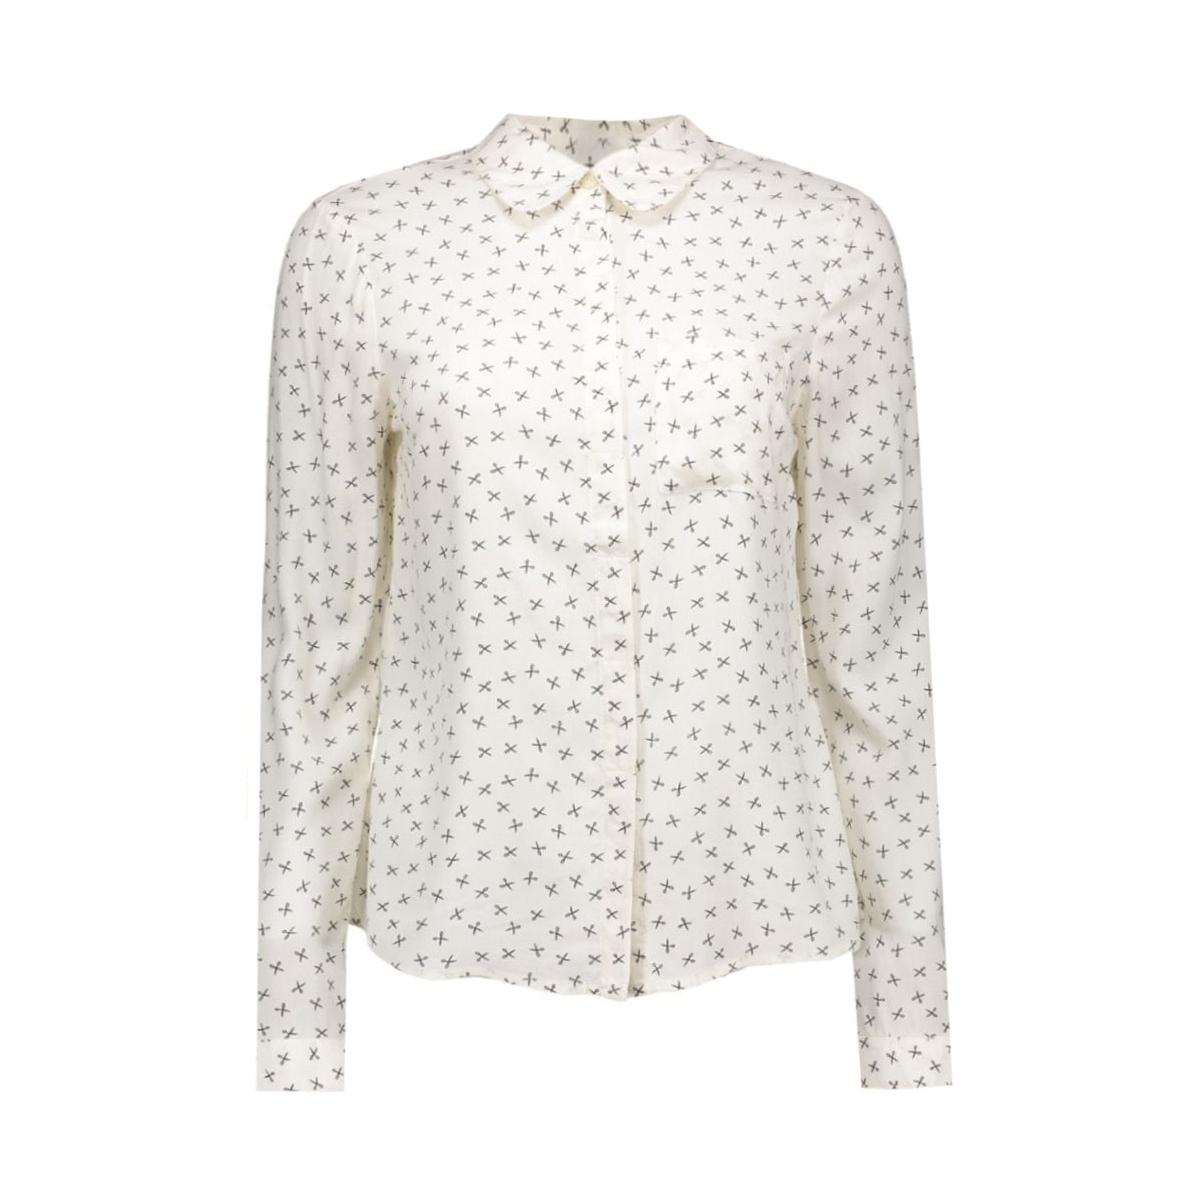 vmscissor l/s shirt dnm 10161685 vero moda blouse snow white/scissor